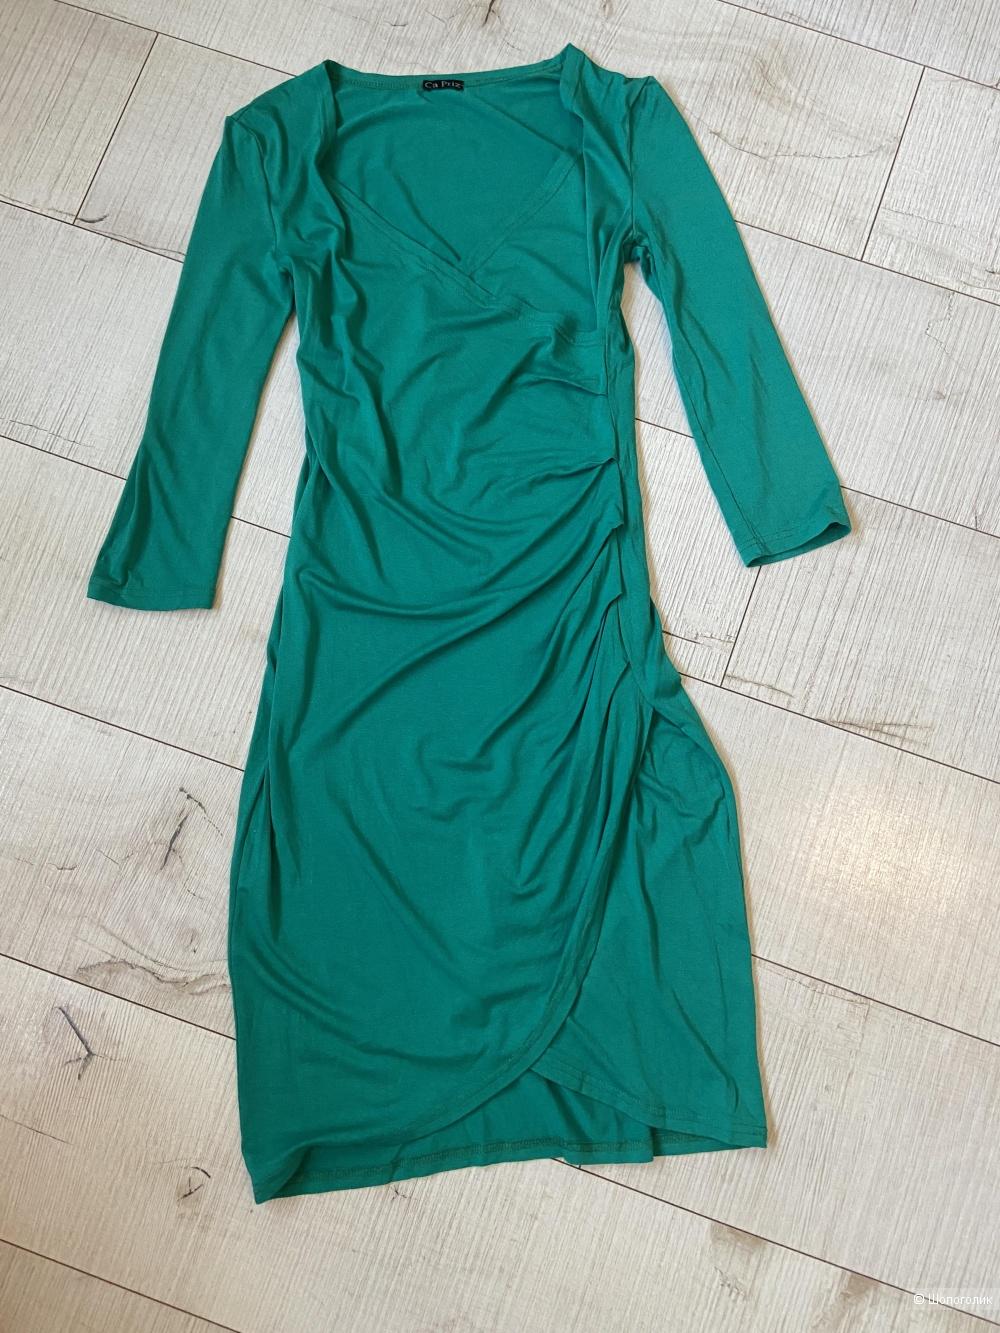 Платье Ca priz, размер 40-42